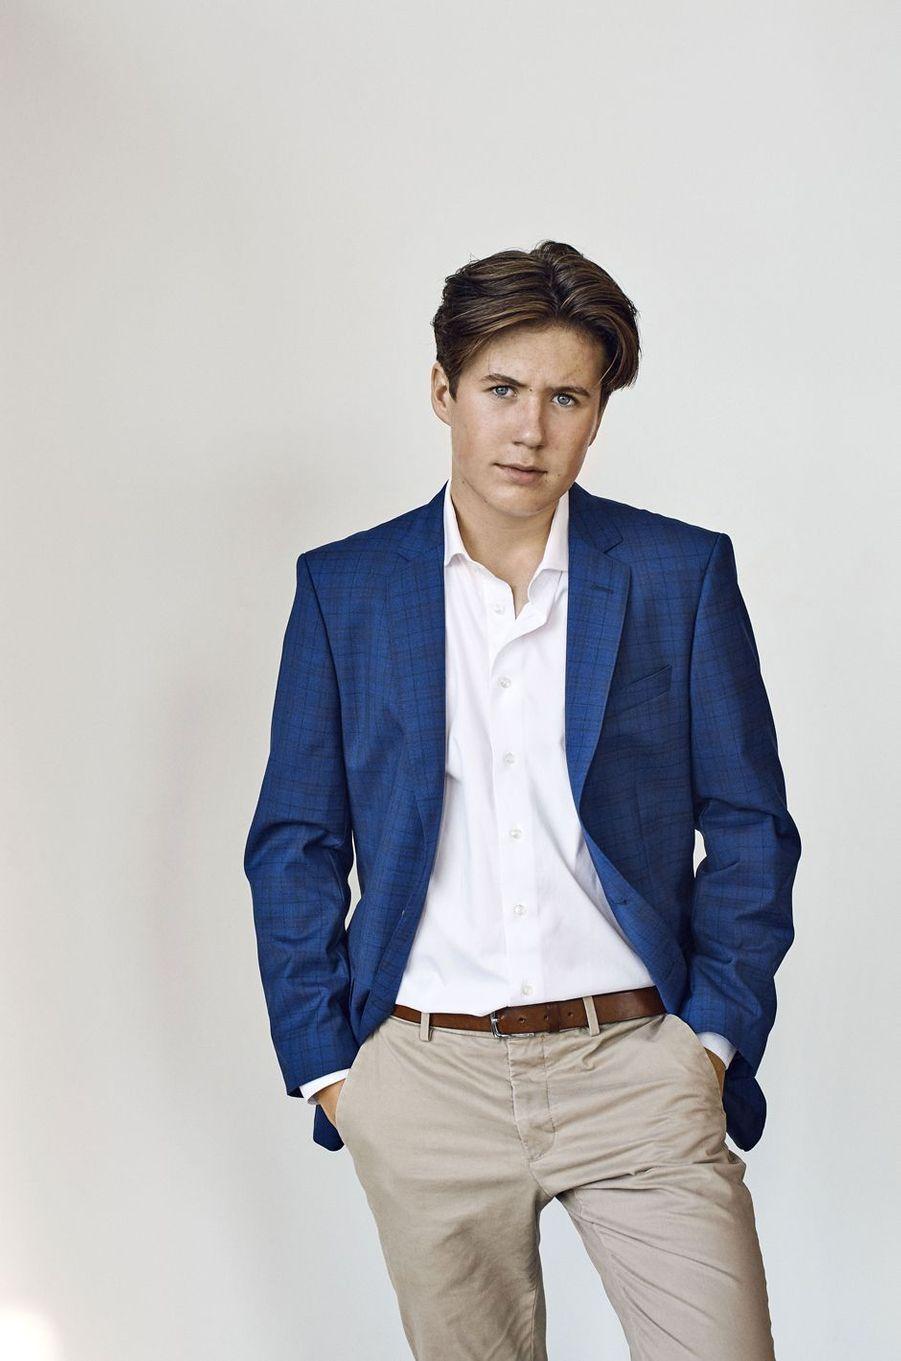 Le prince Christian de Danemark. L'un des quatre portraits diffusés le 15 octobre 2020 pour ses 15 ans